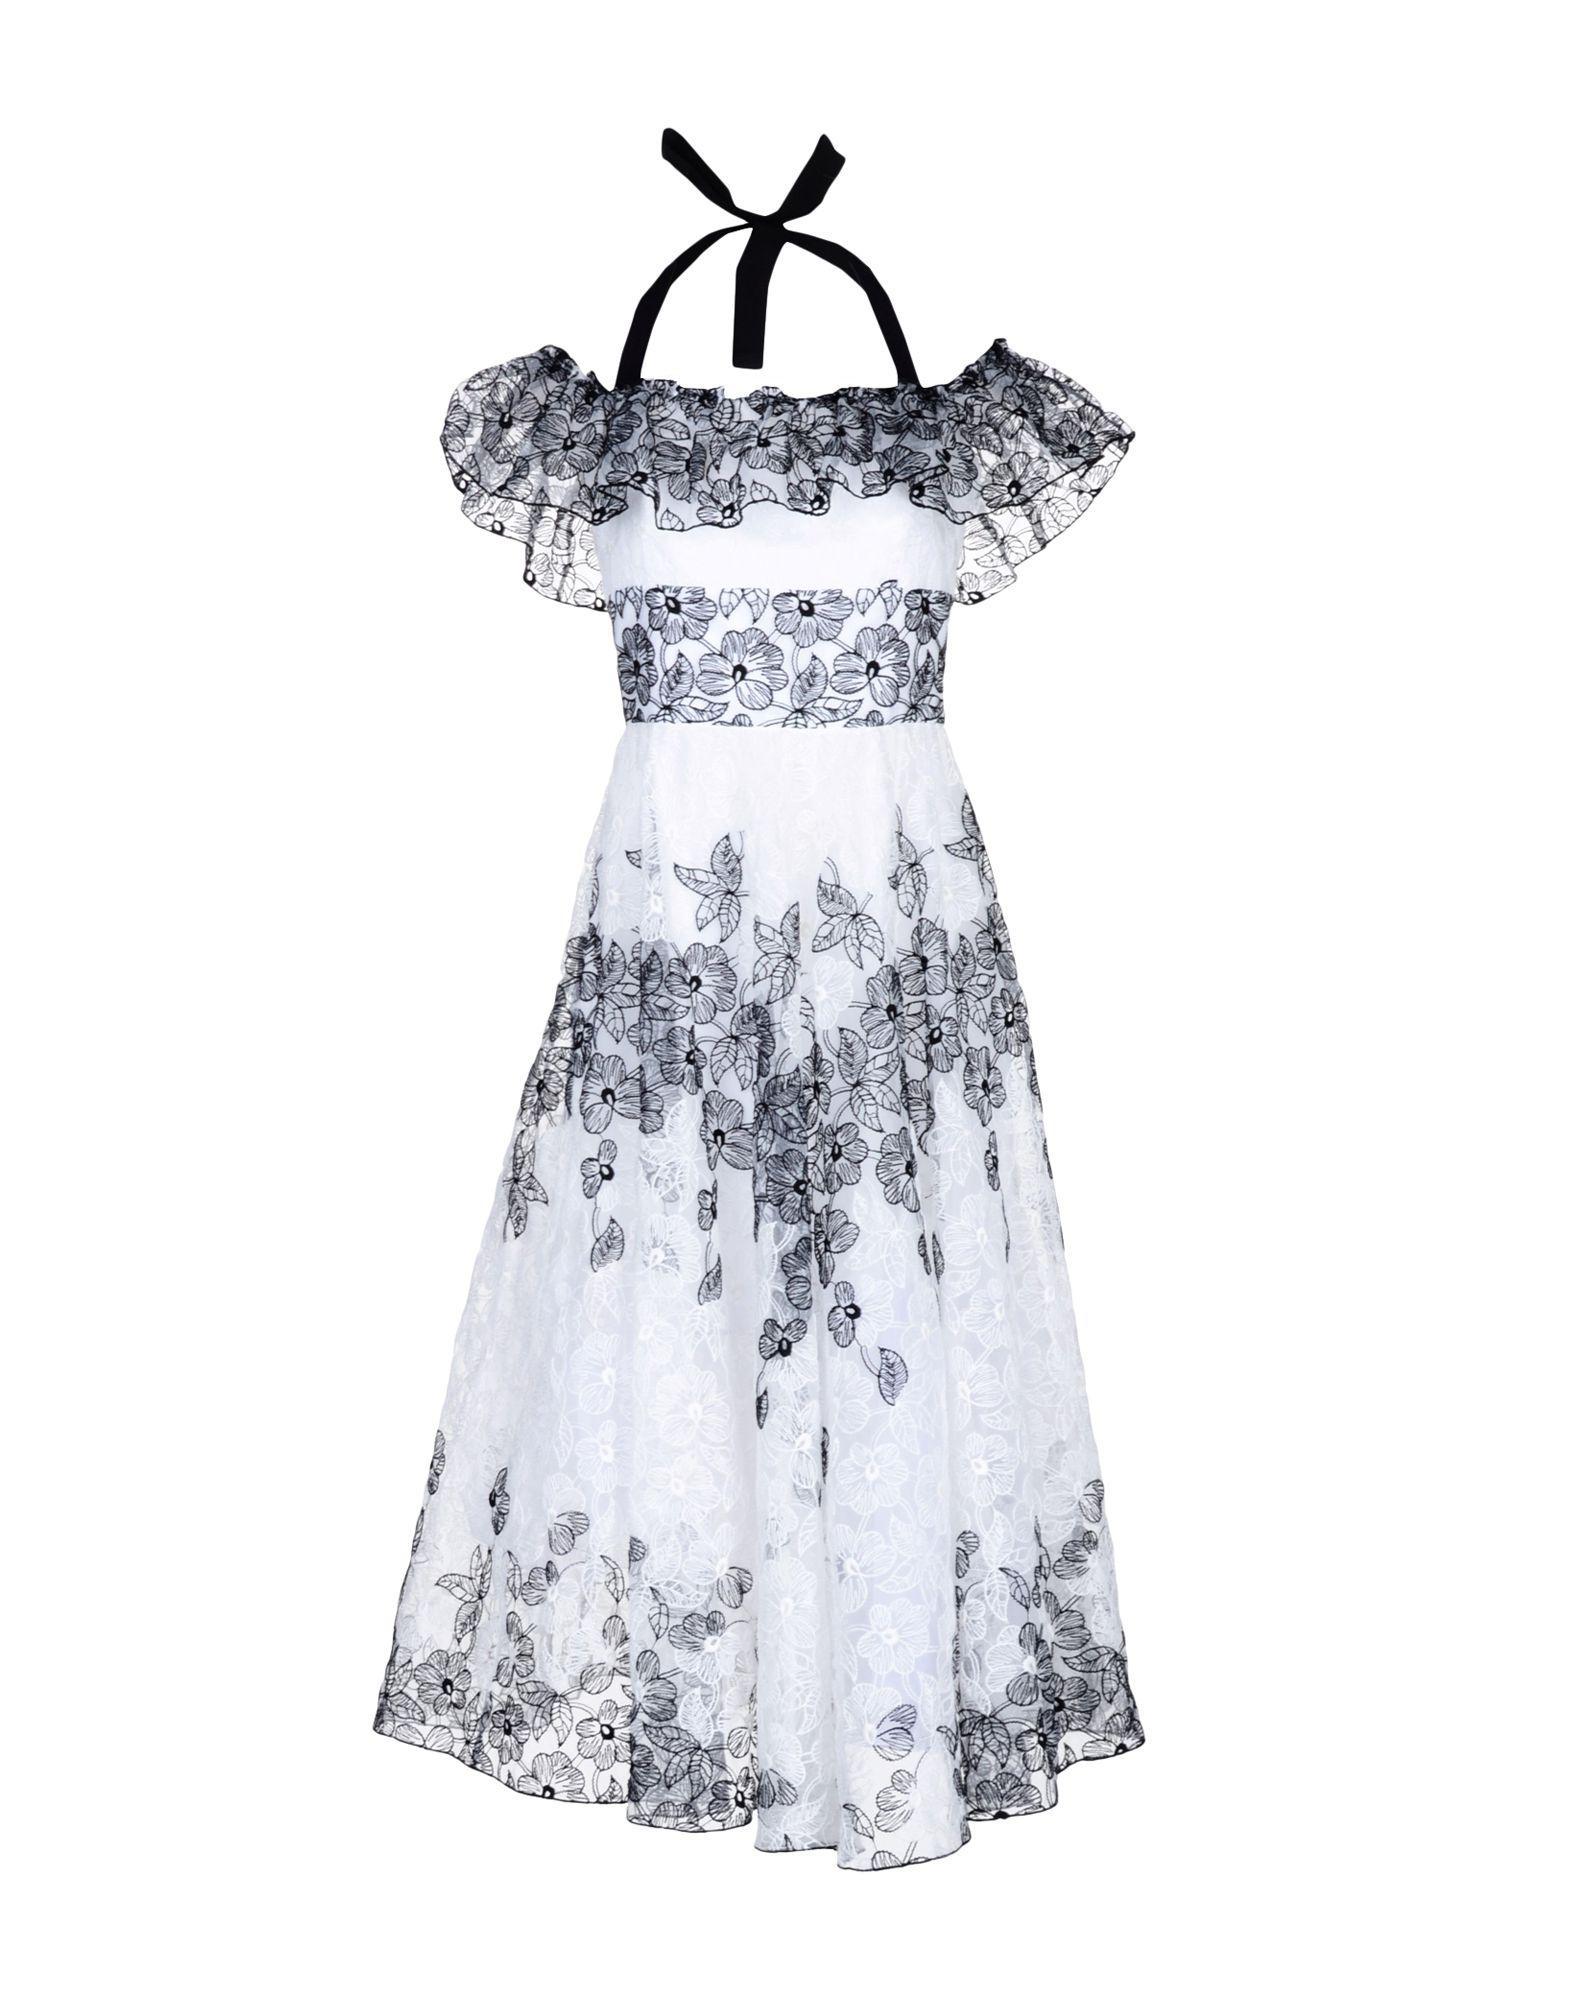 DRESSES - 3/4 length dresses Blumarine i1PDZ